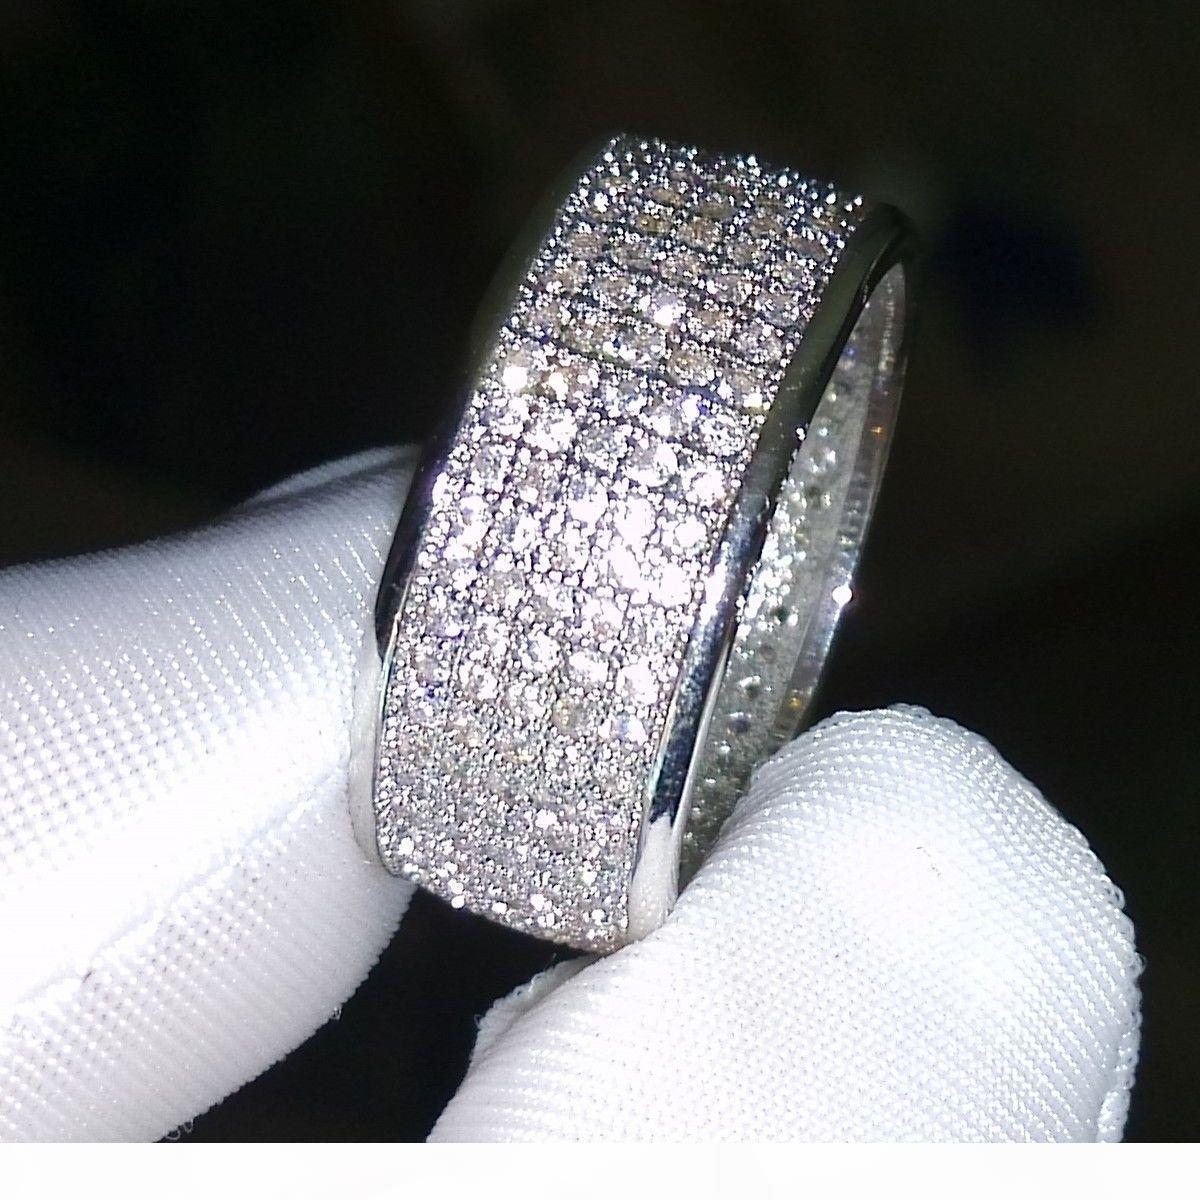 250PCS المجوهرات Diamonique محاكاة الماس الأبيض توباز الكامل 10KT الذهب الأبيض معبأ الماس CZ النساء الزفاف الفرقة البنصر هدية سهير محمد 5-11